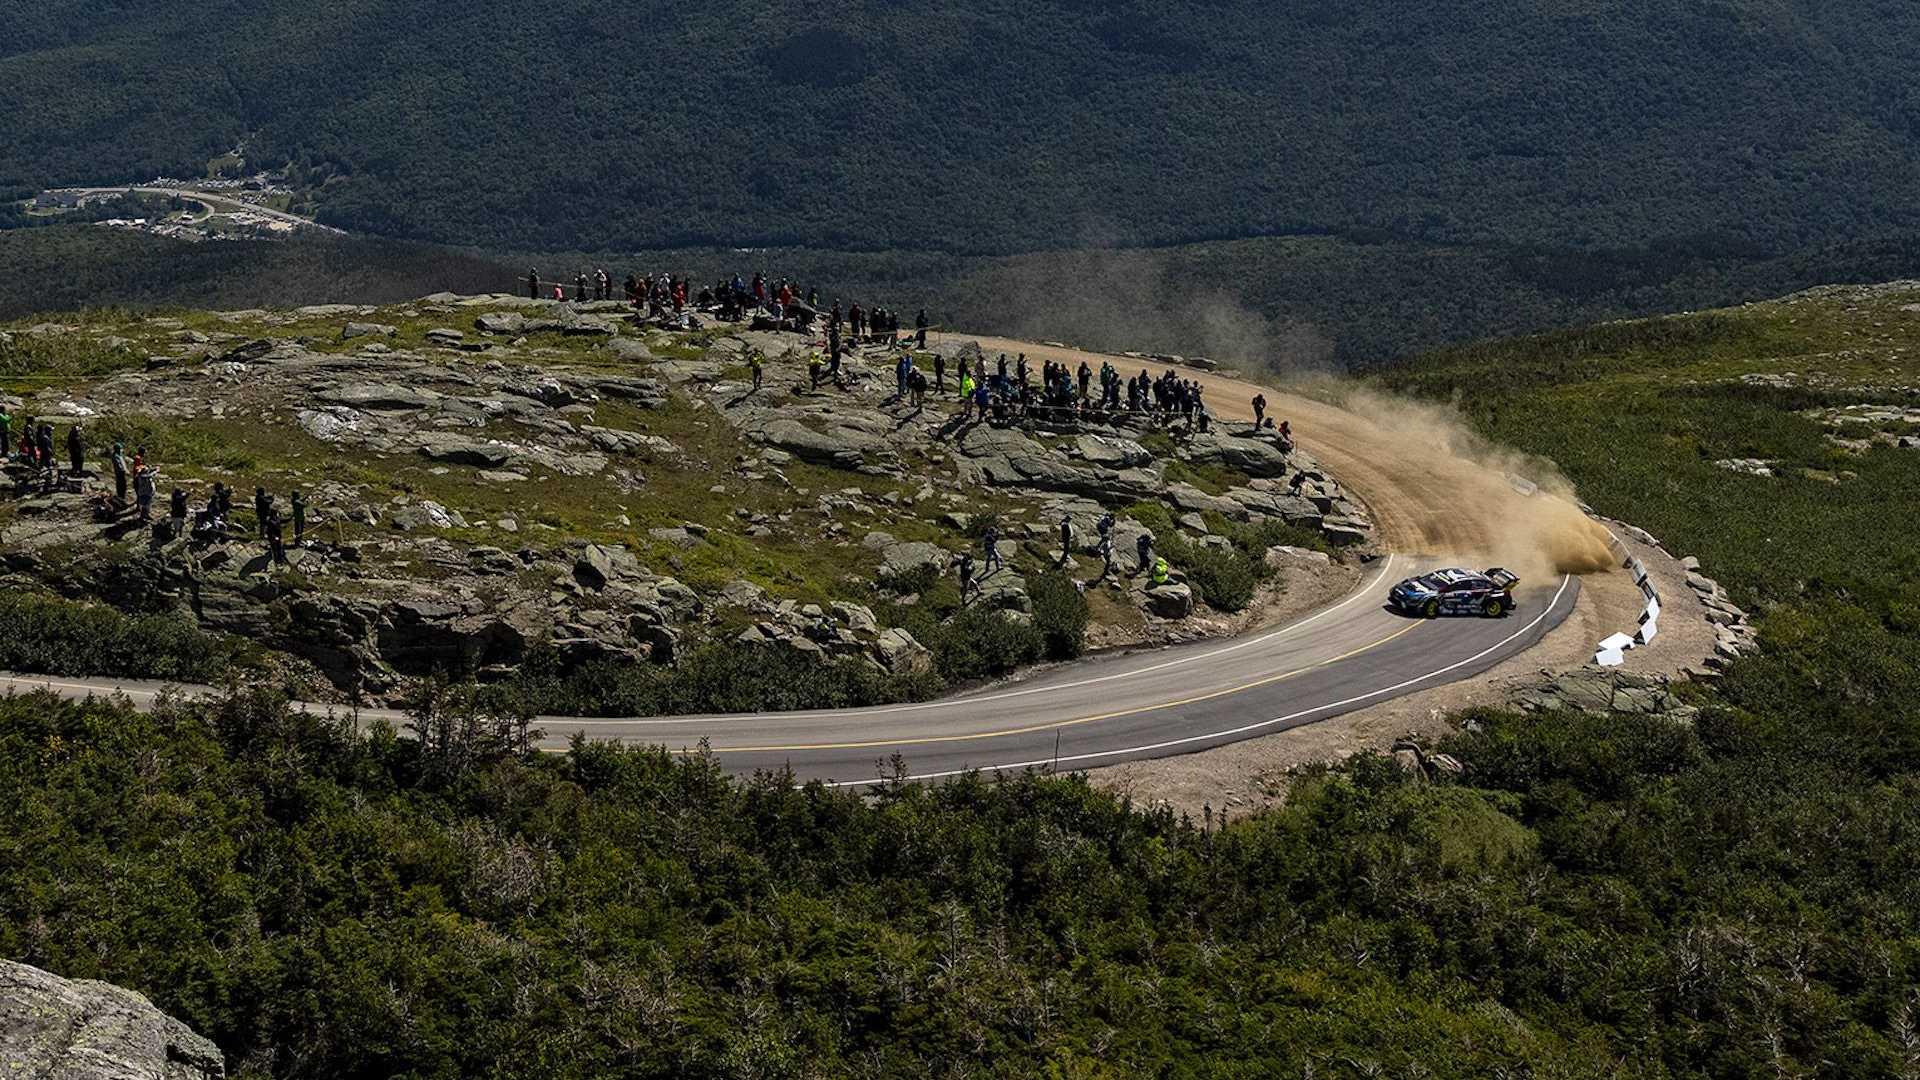 ترافيس باسترانا يتمكن من إحراز توقيت جديد في سباق تسلق جبل واشنطن